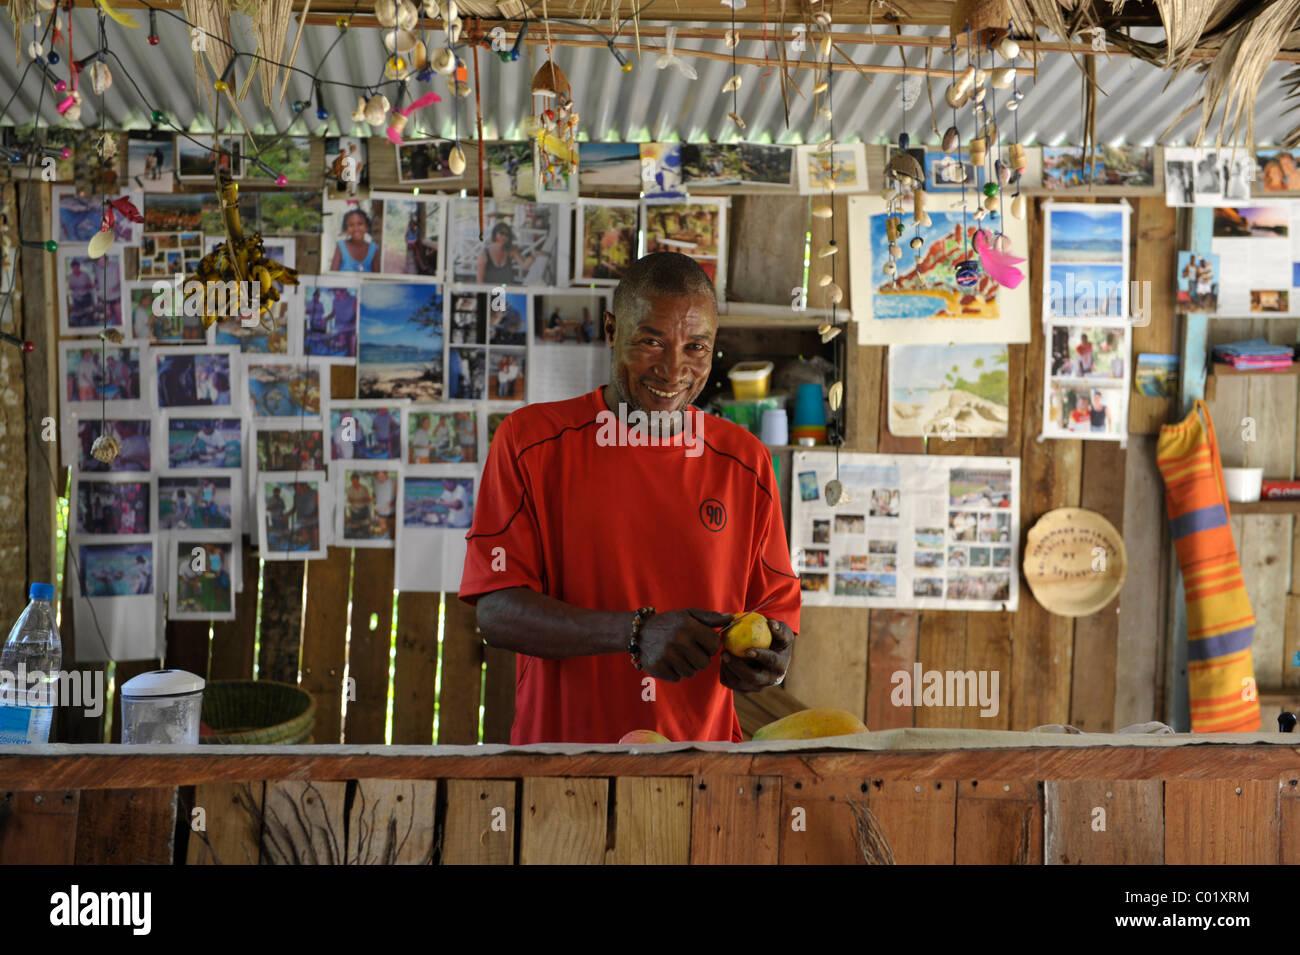 Lächelnd dunkle dunkelhäutigen Mann an Strandbar, La Digue, Seychellen Stockbild